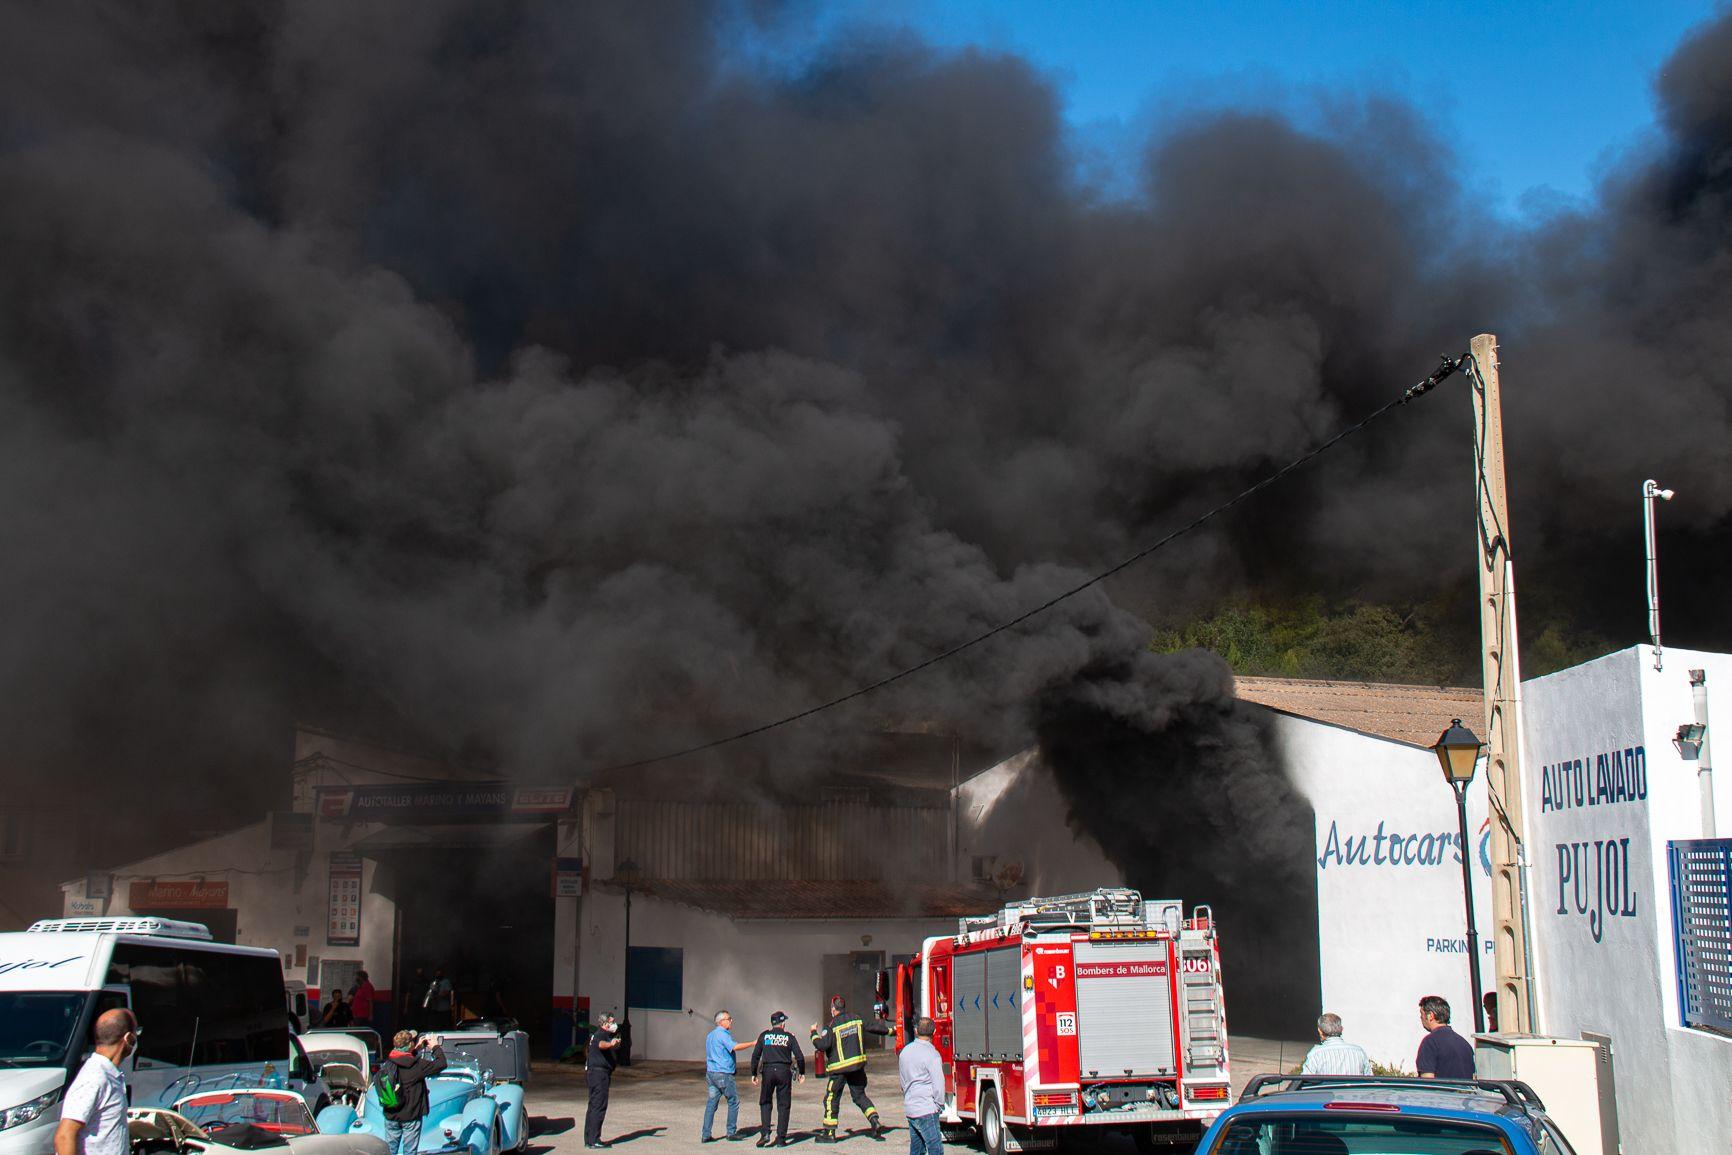 21 trabajadores intoxicados en el incendio en un hangar de autobuses de Andratx